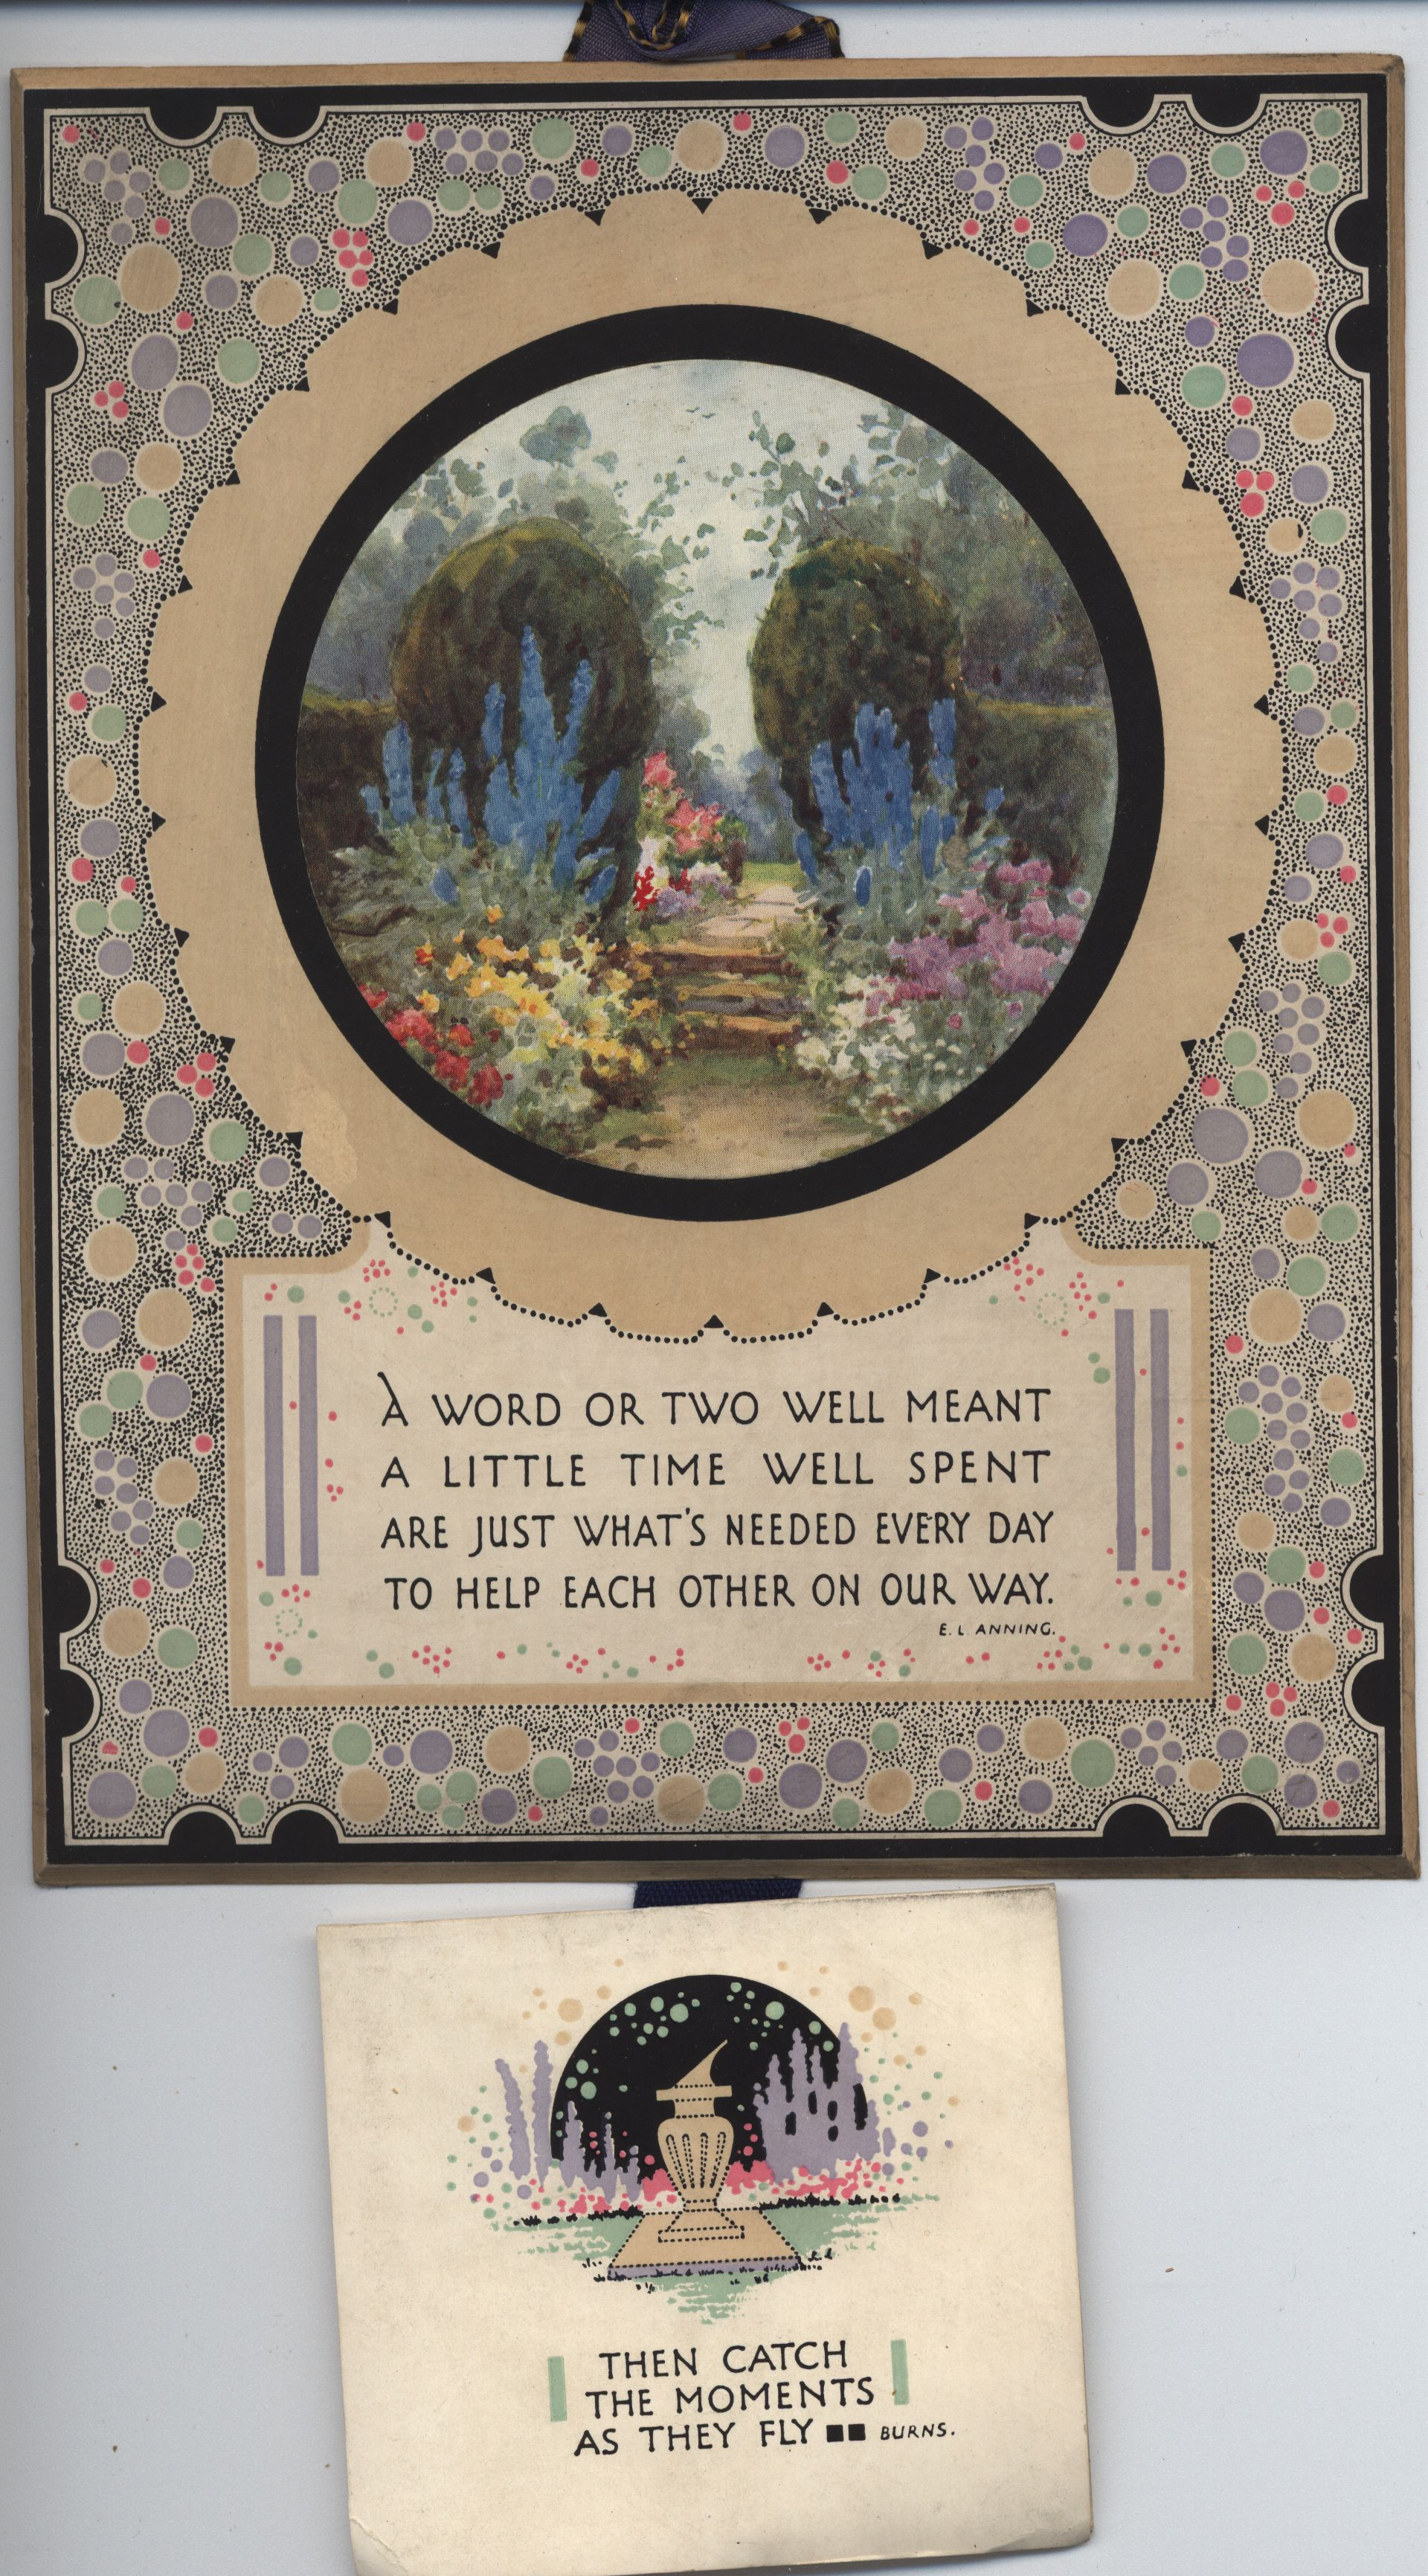 circular garden scene inset on decorative panel